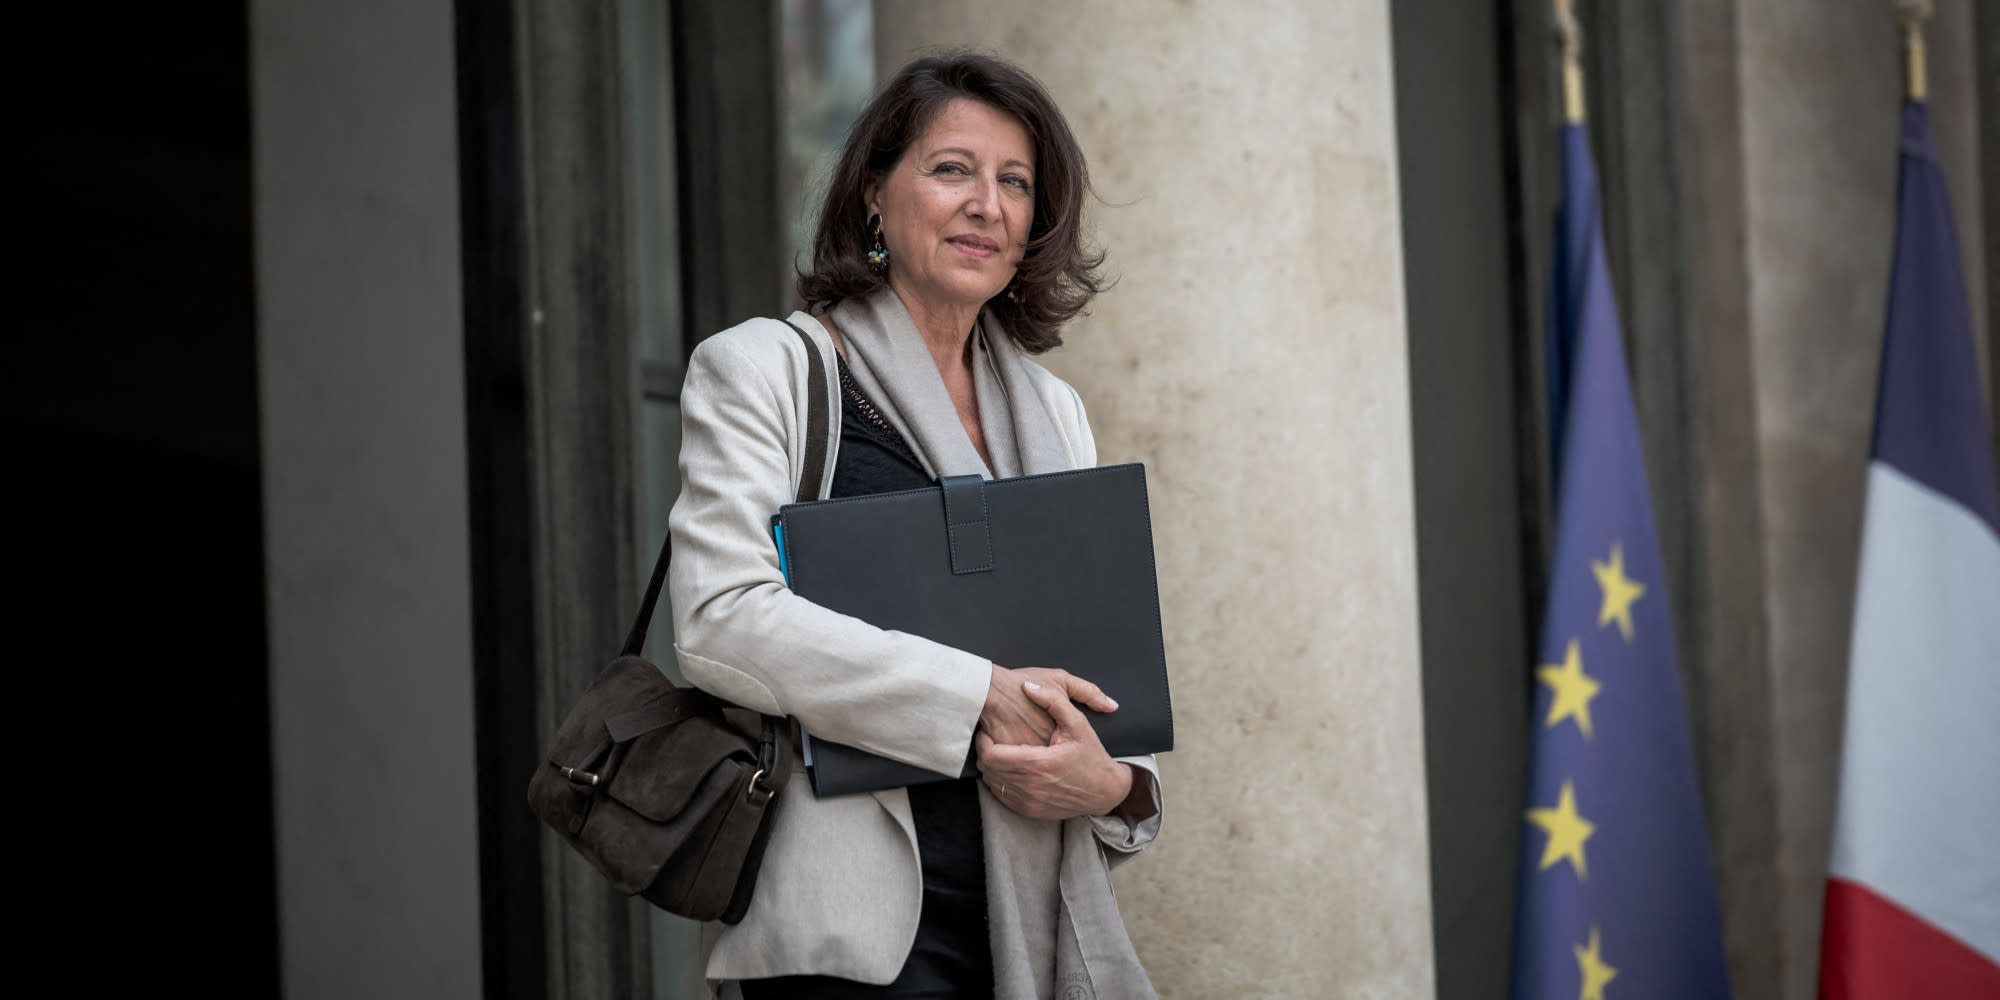 """""""Affaire Buzyn"""" : comment juger les ministres pour les actes commis dans le cadre de leur fonction?"""